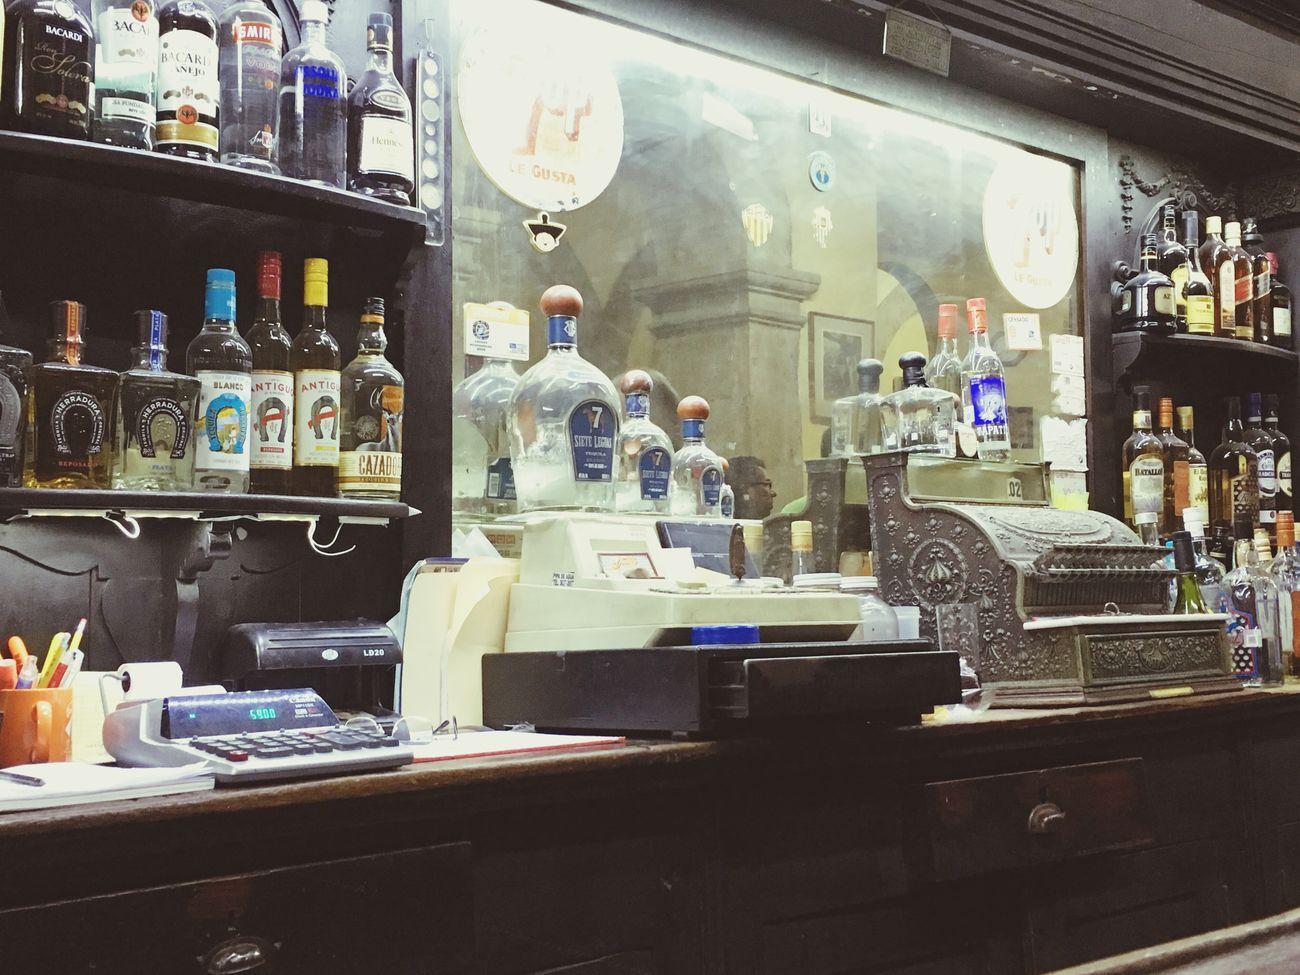 Tecnología avanzando... Working Night Disfrutando De La Vida FreeTime Bar - Drink Establishment Tecnologia